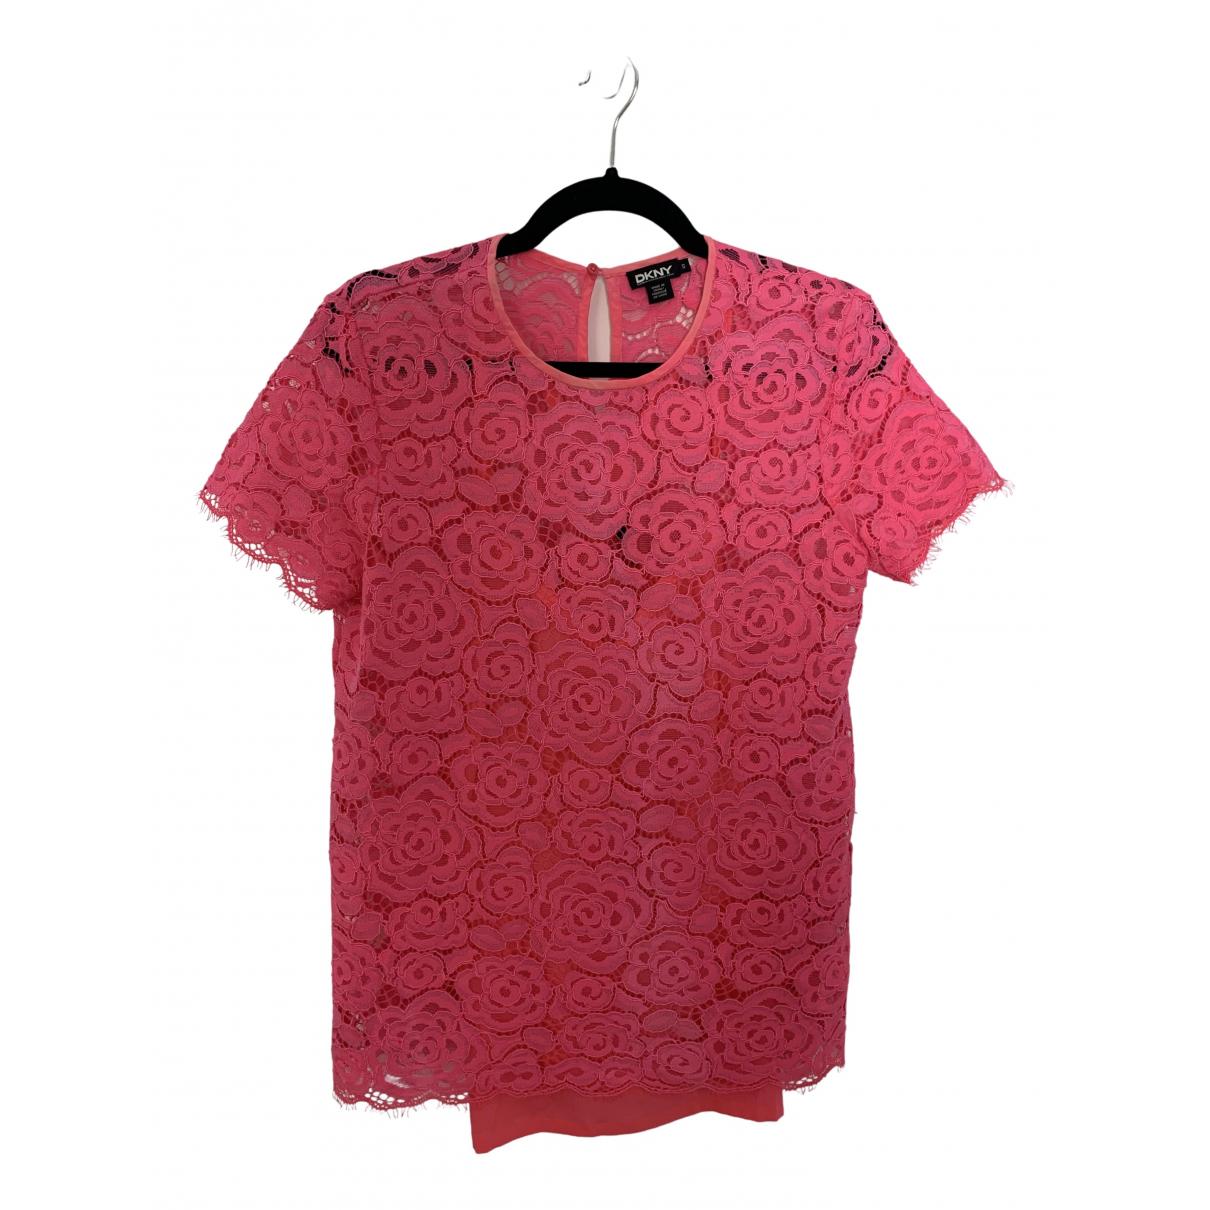 Dkny - Top   pour femme - rose